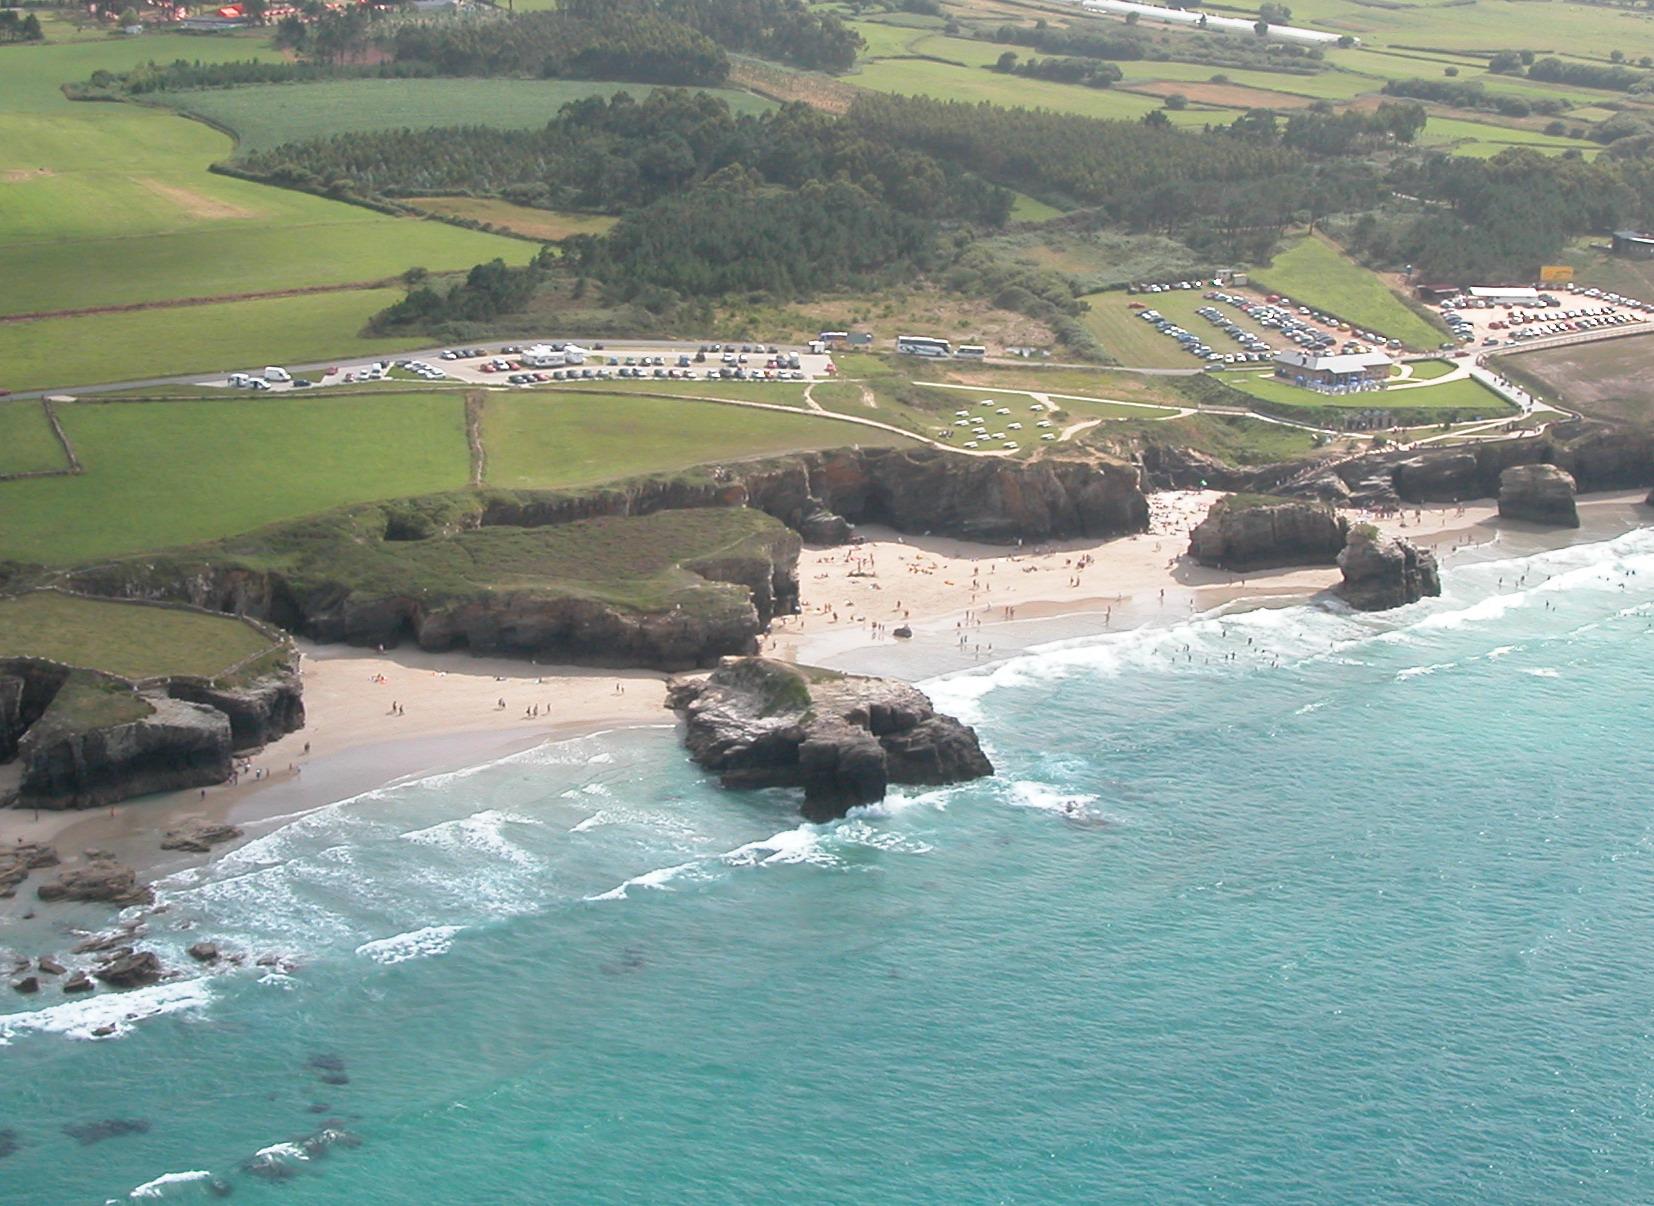 El tiempo en playa de as catedrais ribadeo lugo galicia - El tiempo en parga lugo ...